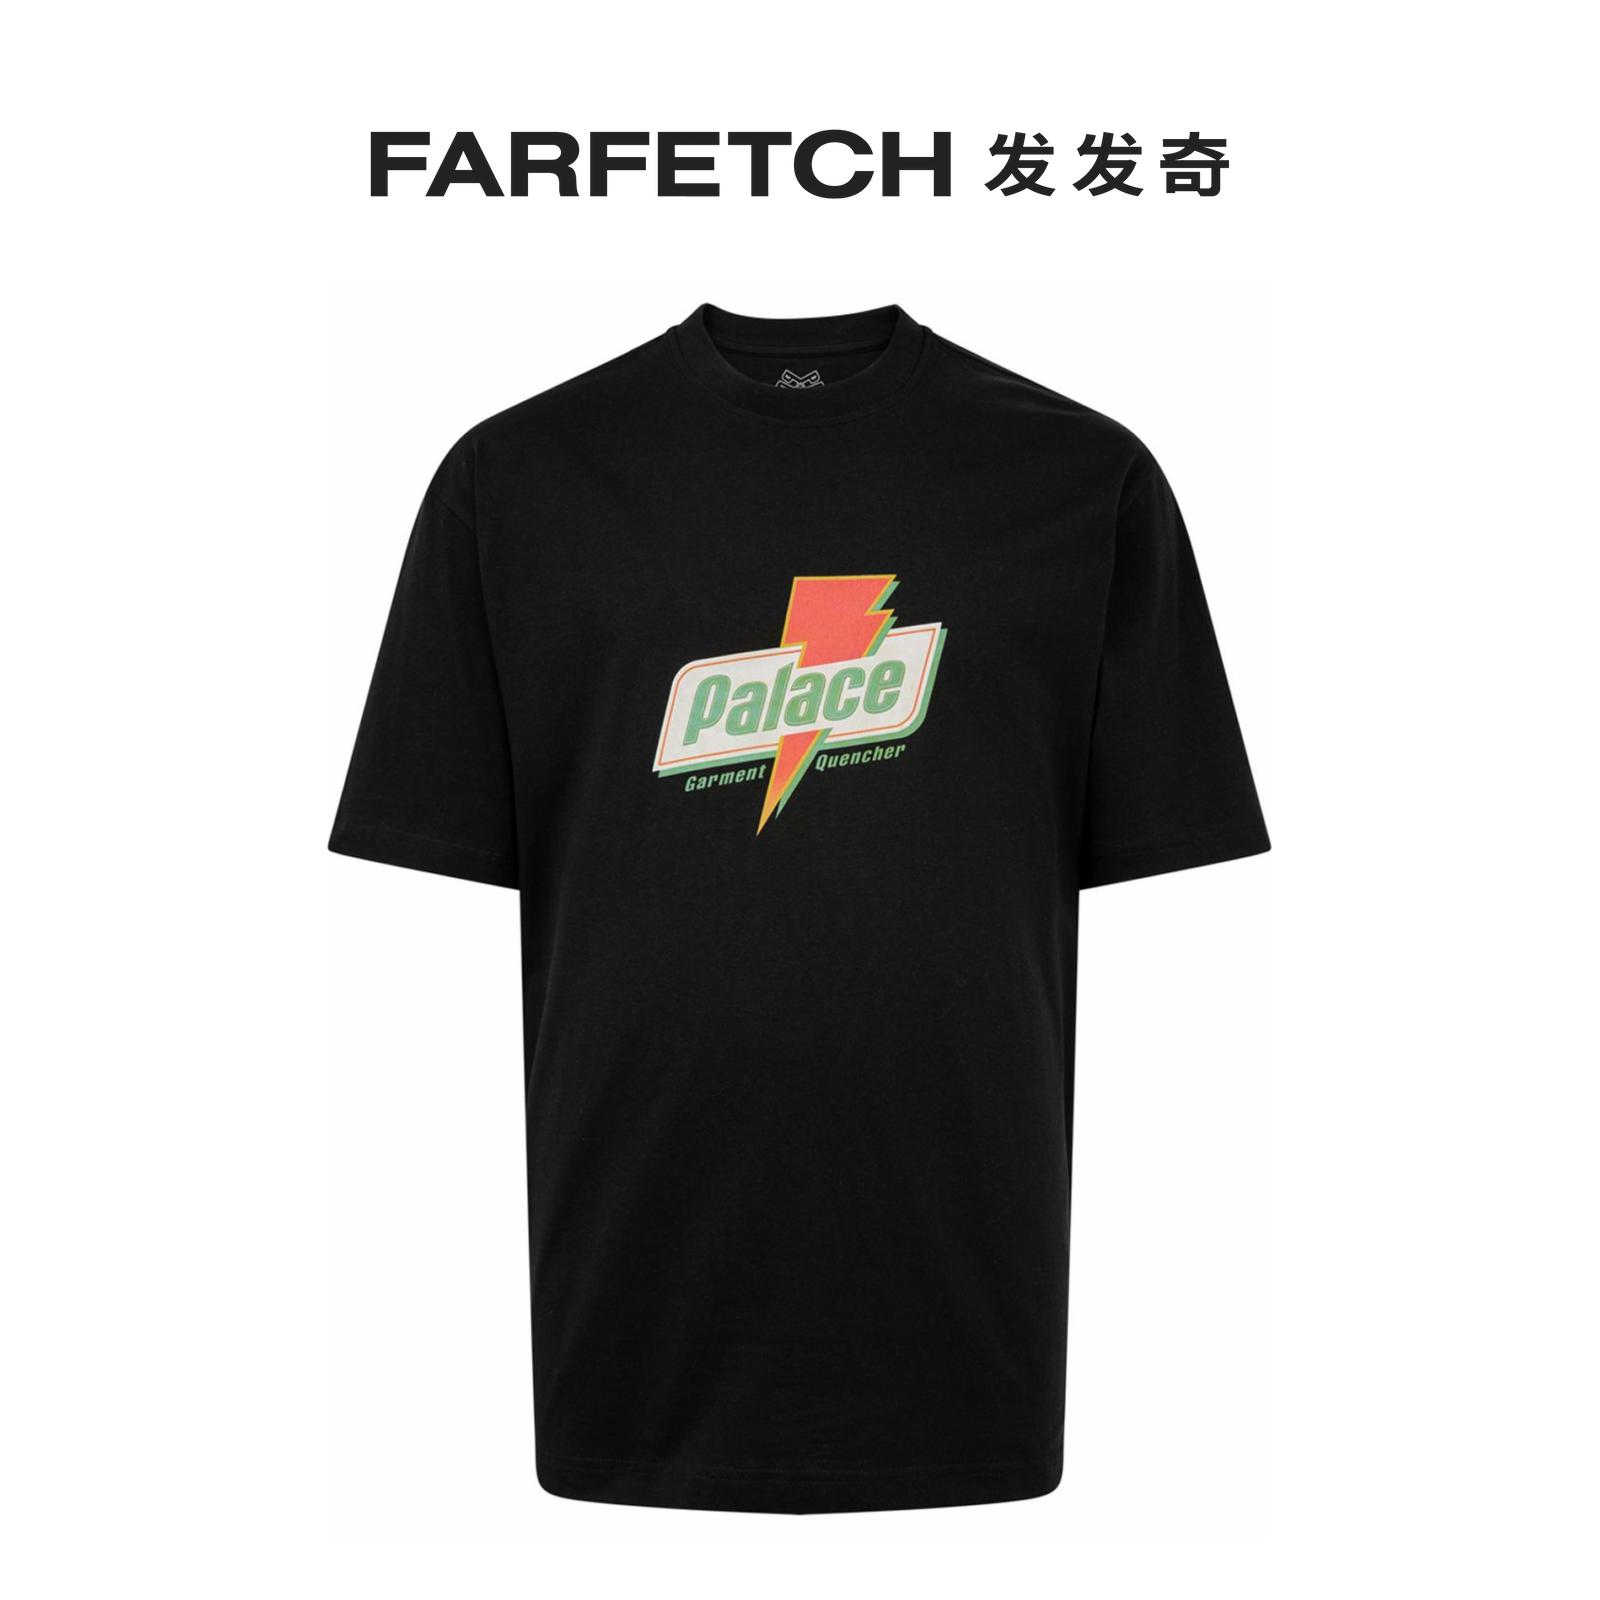 七夕礼物Palace男士Sugar 短袖T恤FARFETCH发发奇